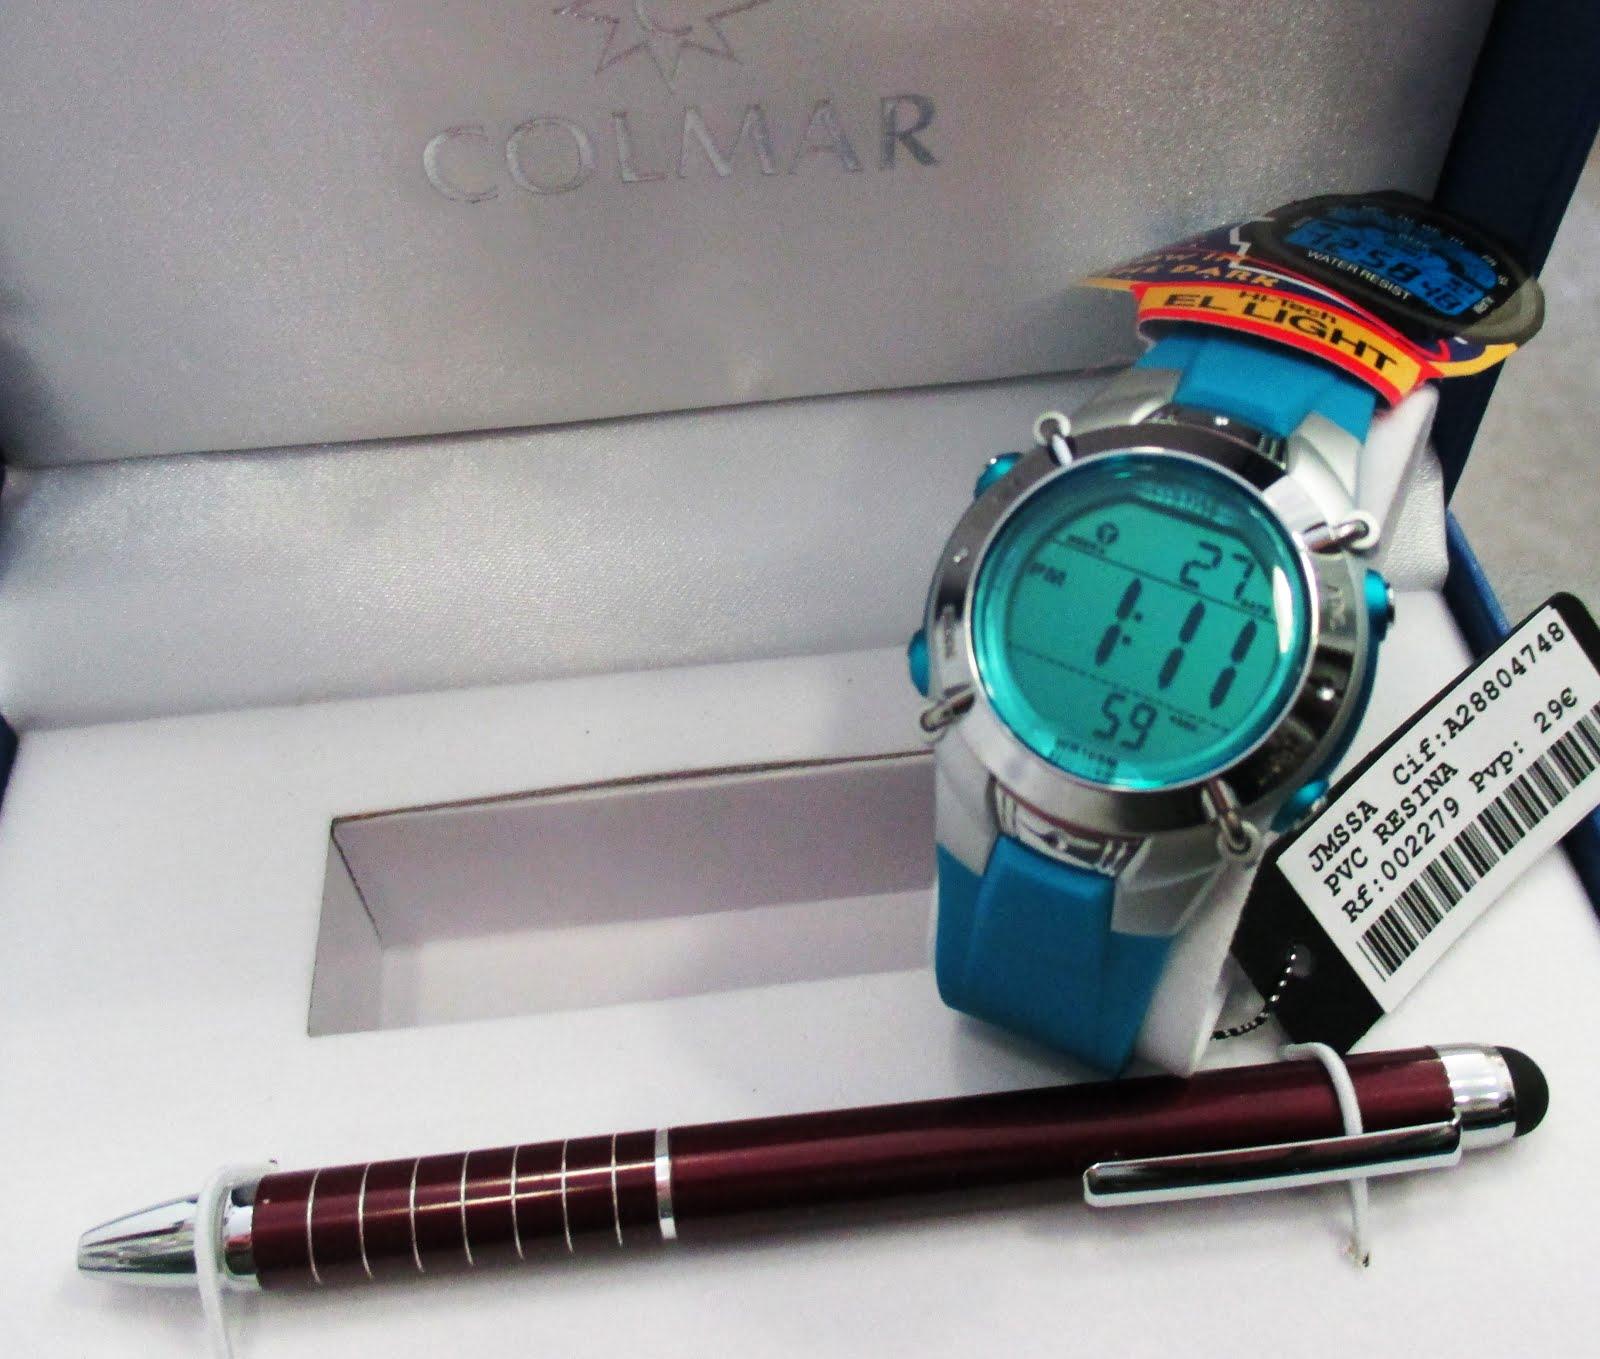 Estuche reloj-bolígrafo 29 €